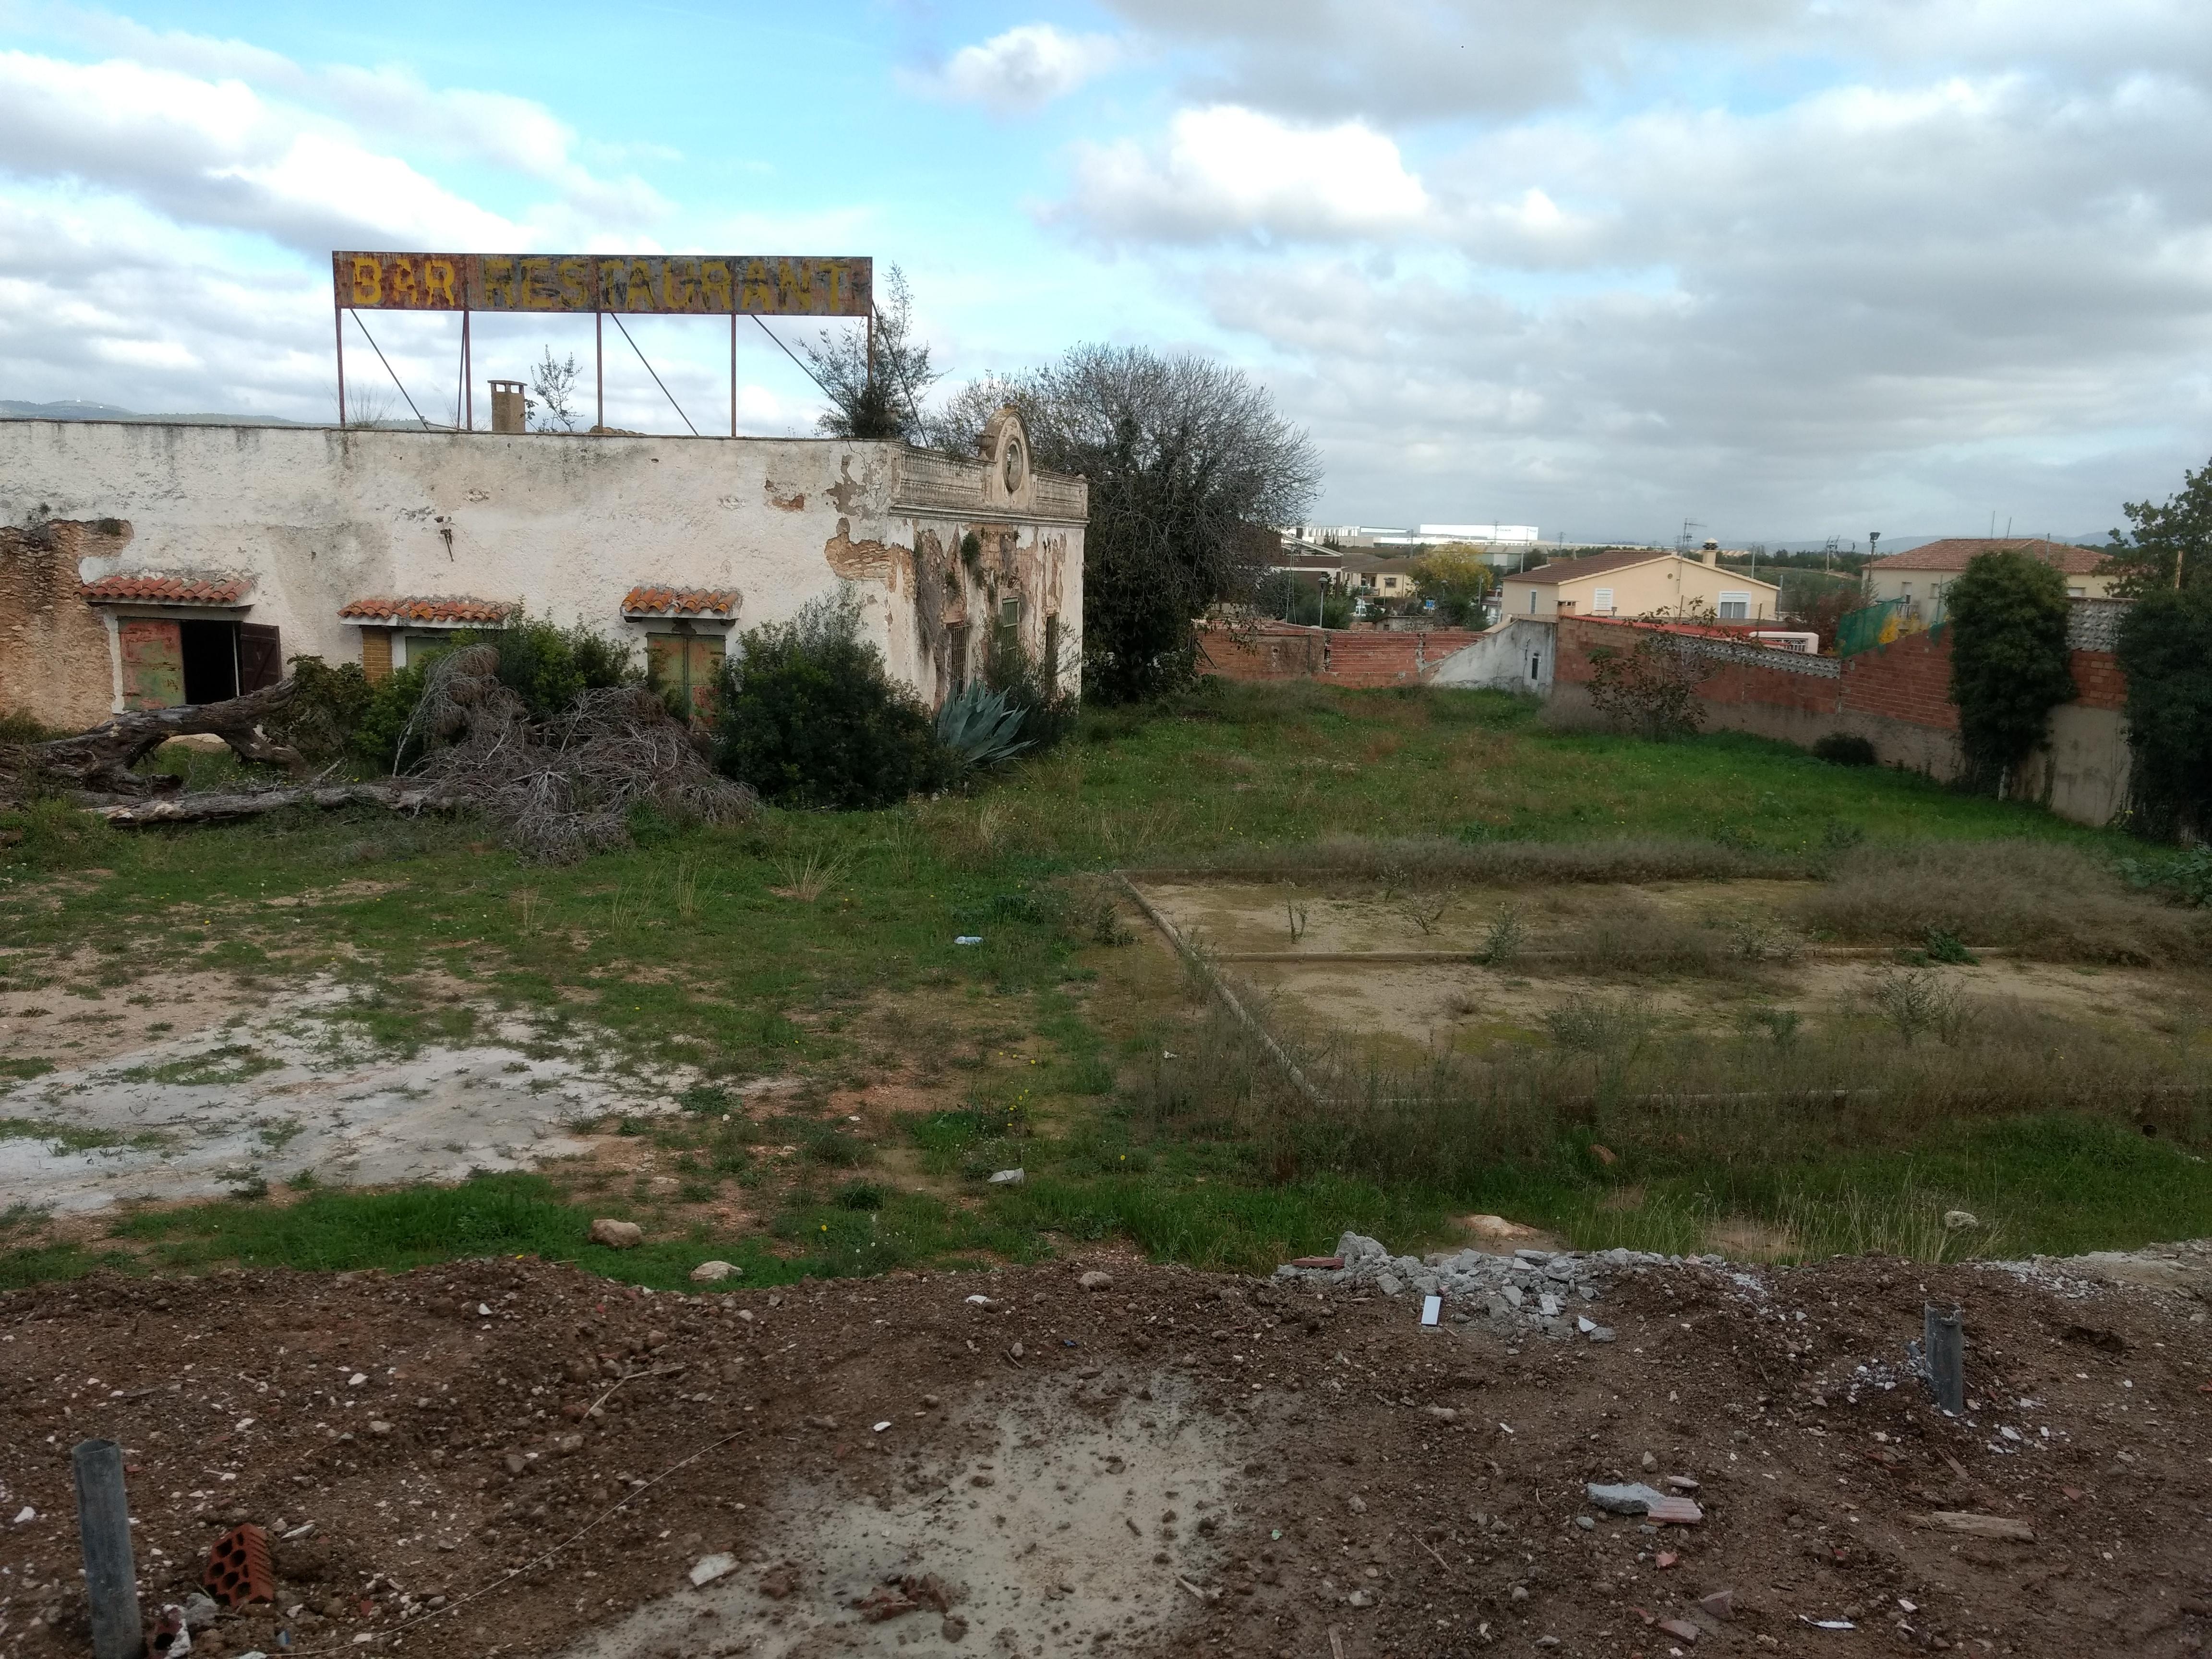 L'Ajuntament adequarà un terreny d'equipaments al costat del local social que s'està construint a la Miralba